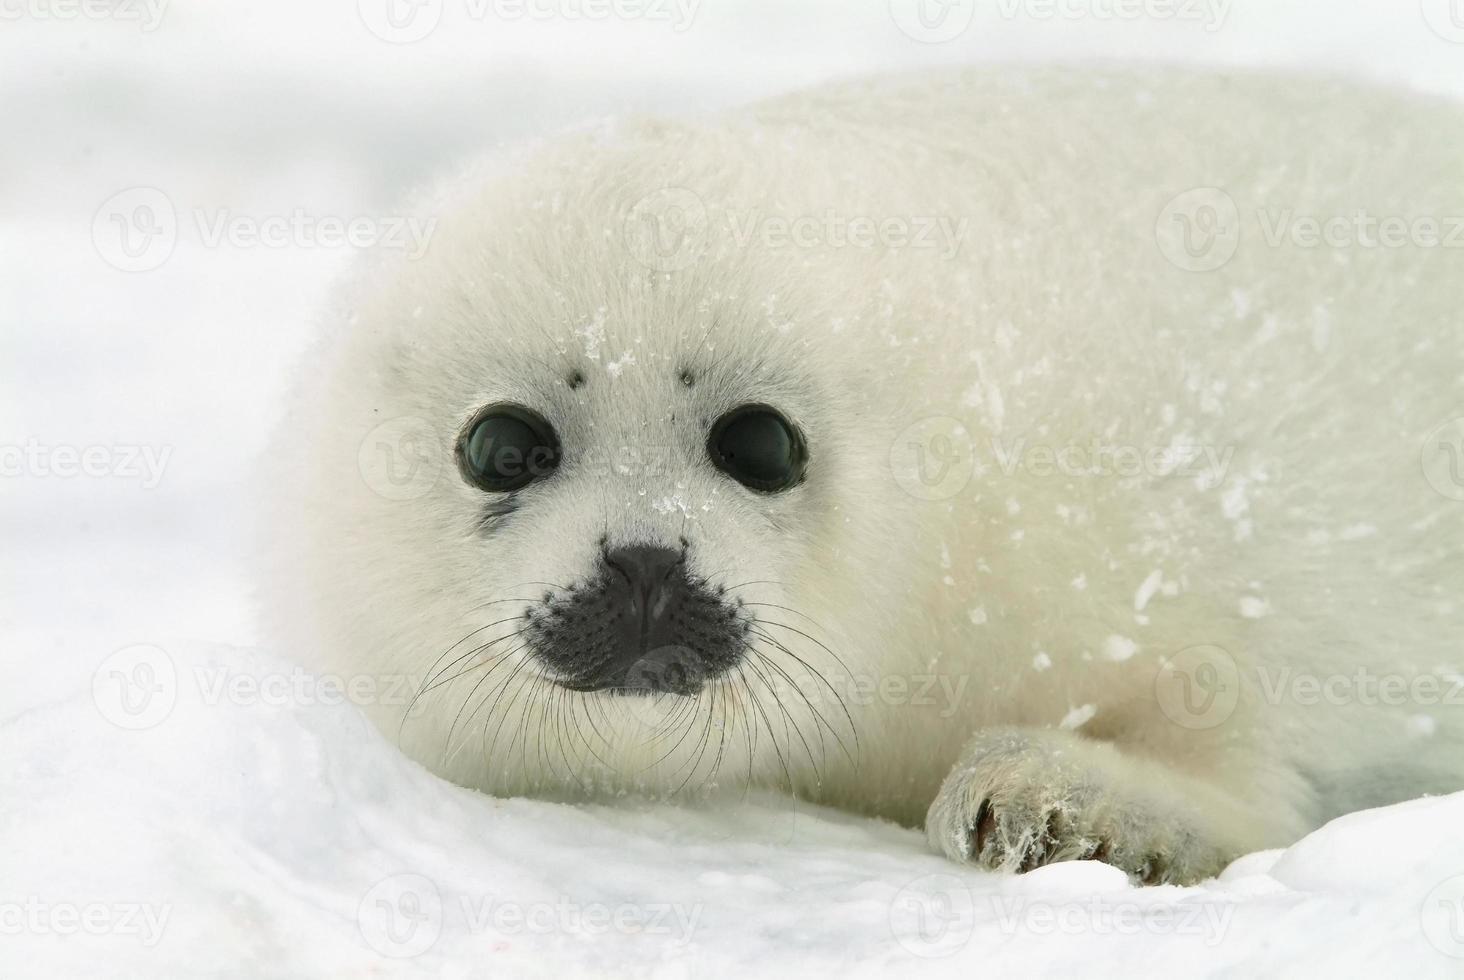 filhote de foca bebê no gelo no Atlântico Norte foto